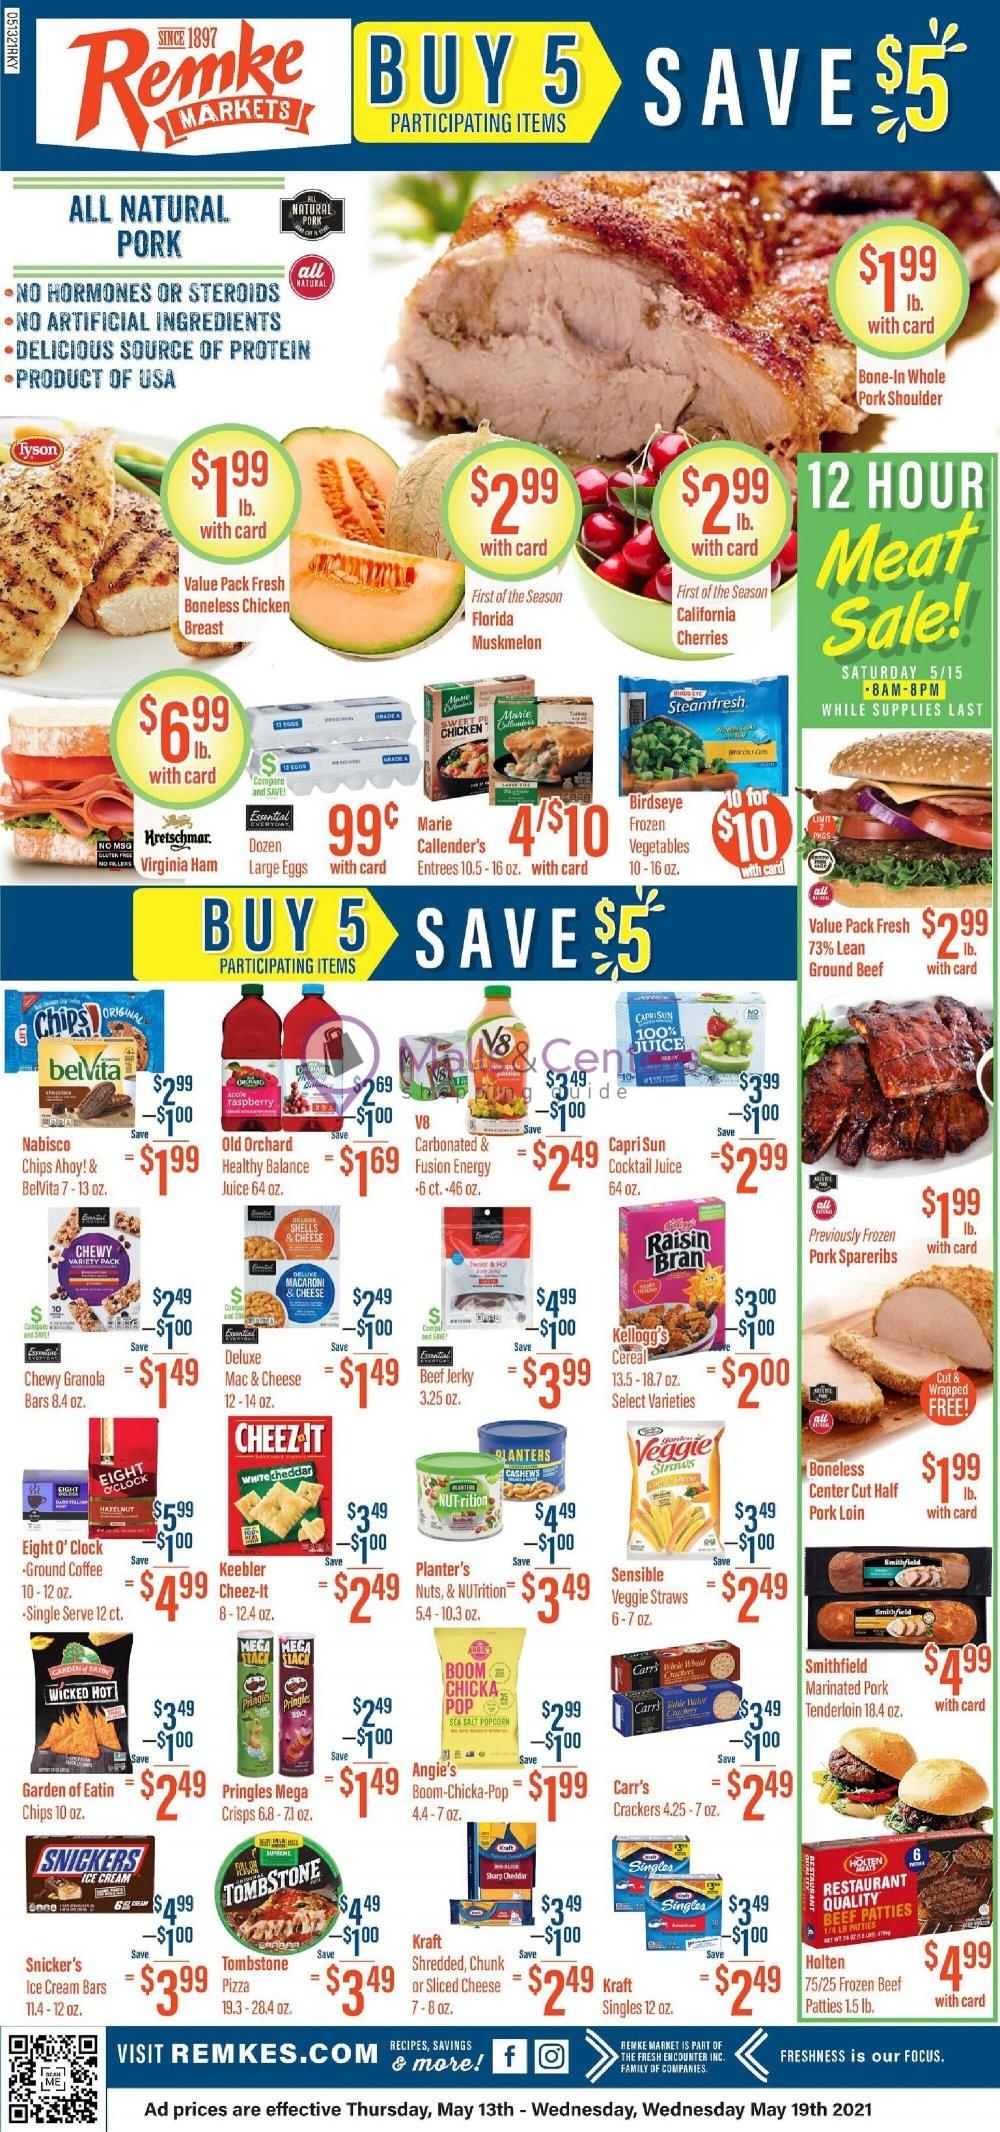 weekly ads Remke Bigg's - page 1 - mallscenters.com